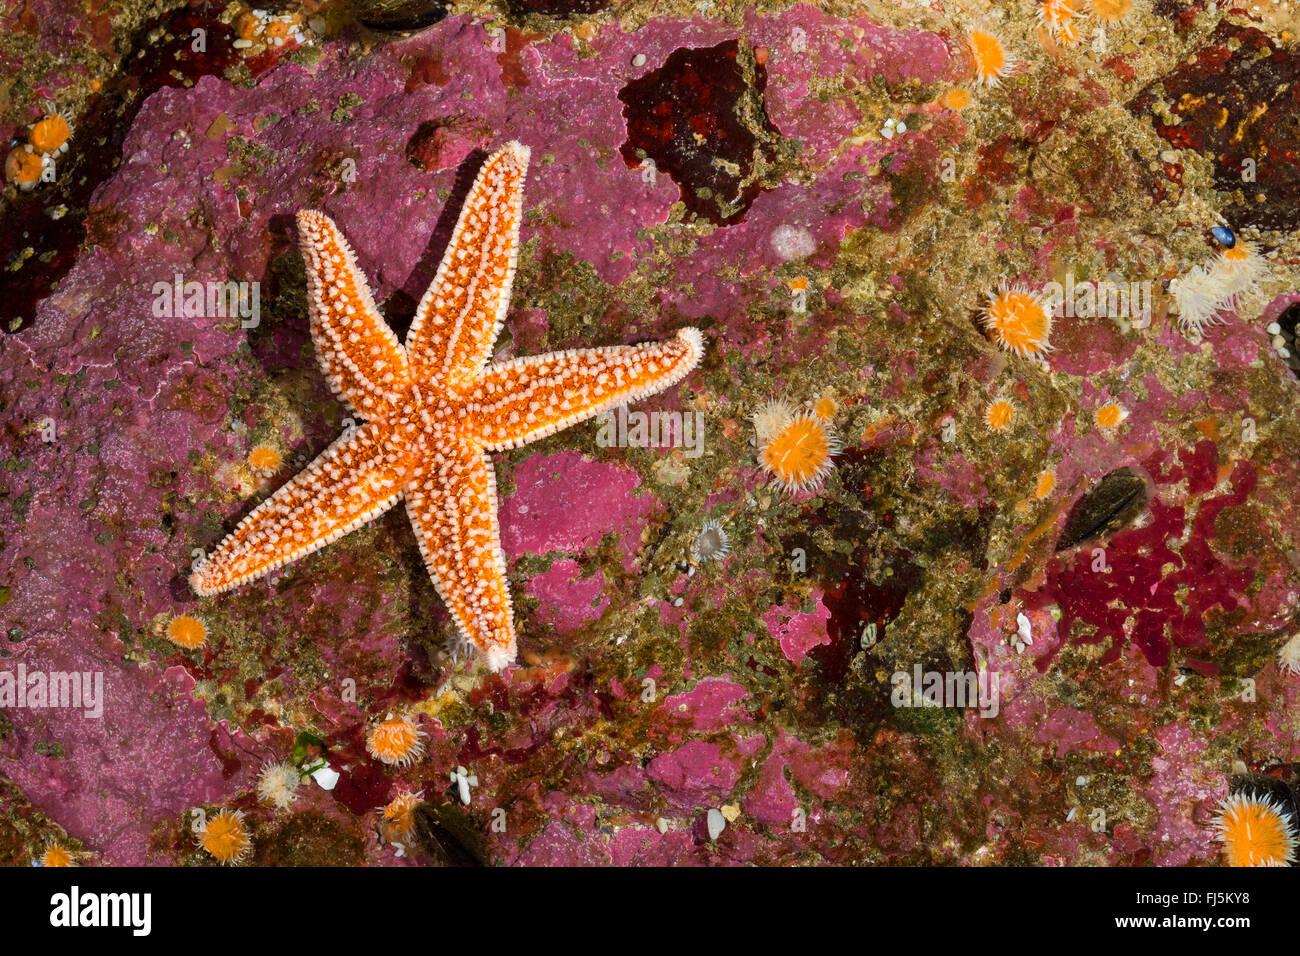 gemeinsamen Seestern, gemeinsame europäische Seastar (Asterias Rubens), am Riff Stockbild